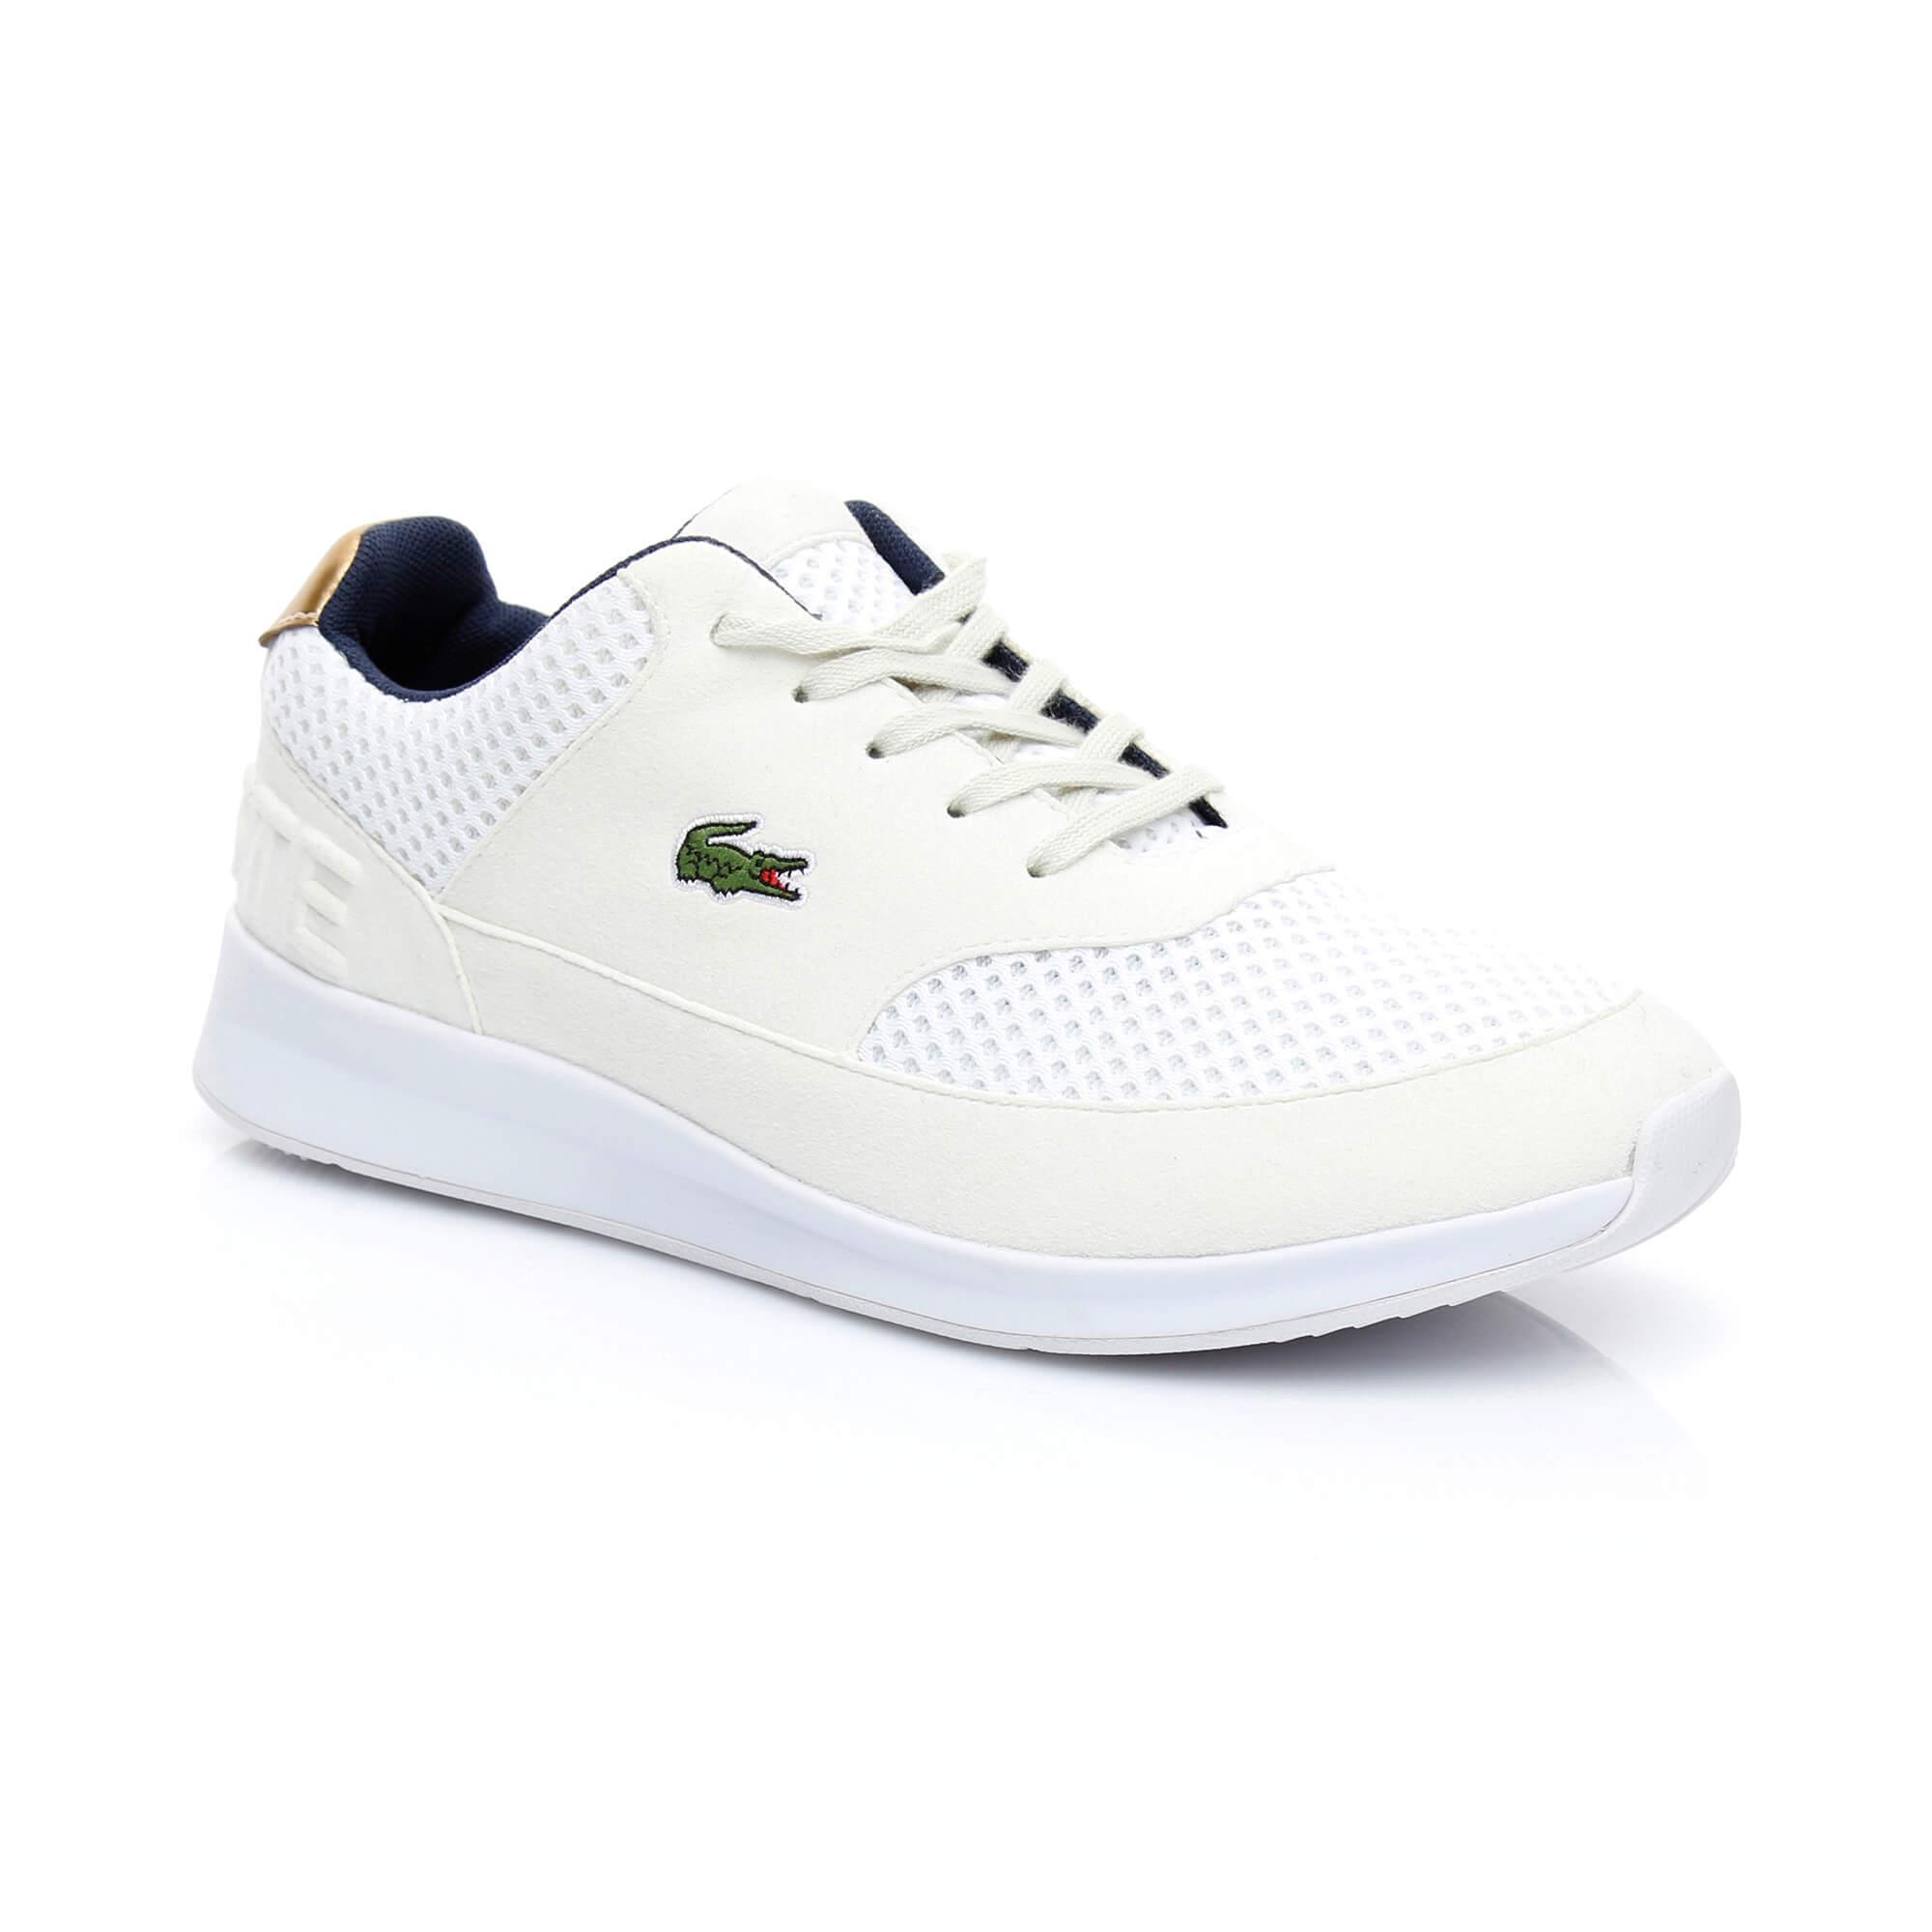 Lacoste Kadın Chaumont 318 2 Beyaz Sneaker